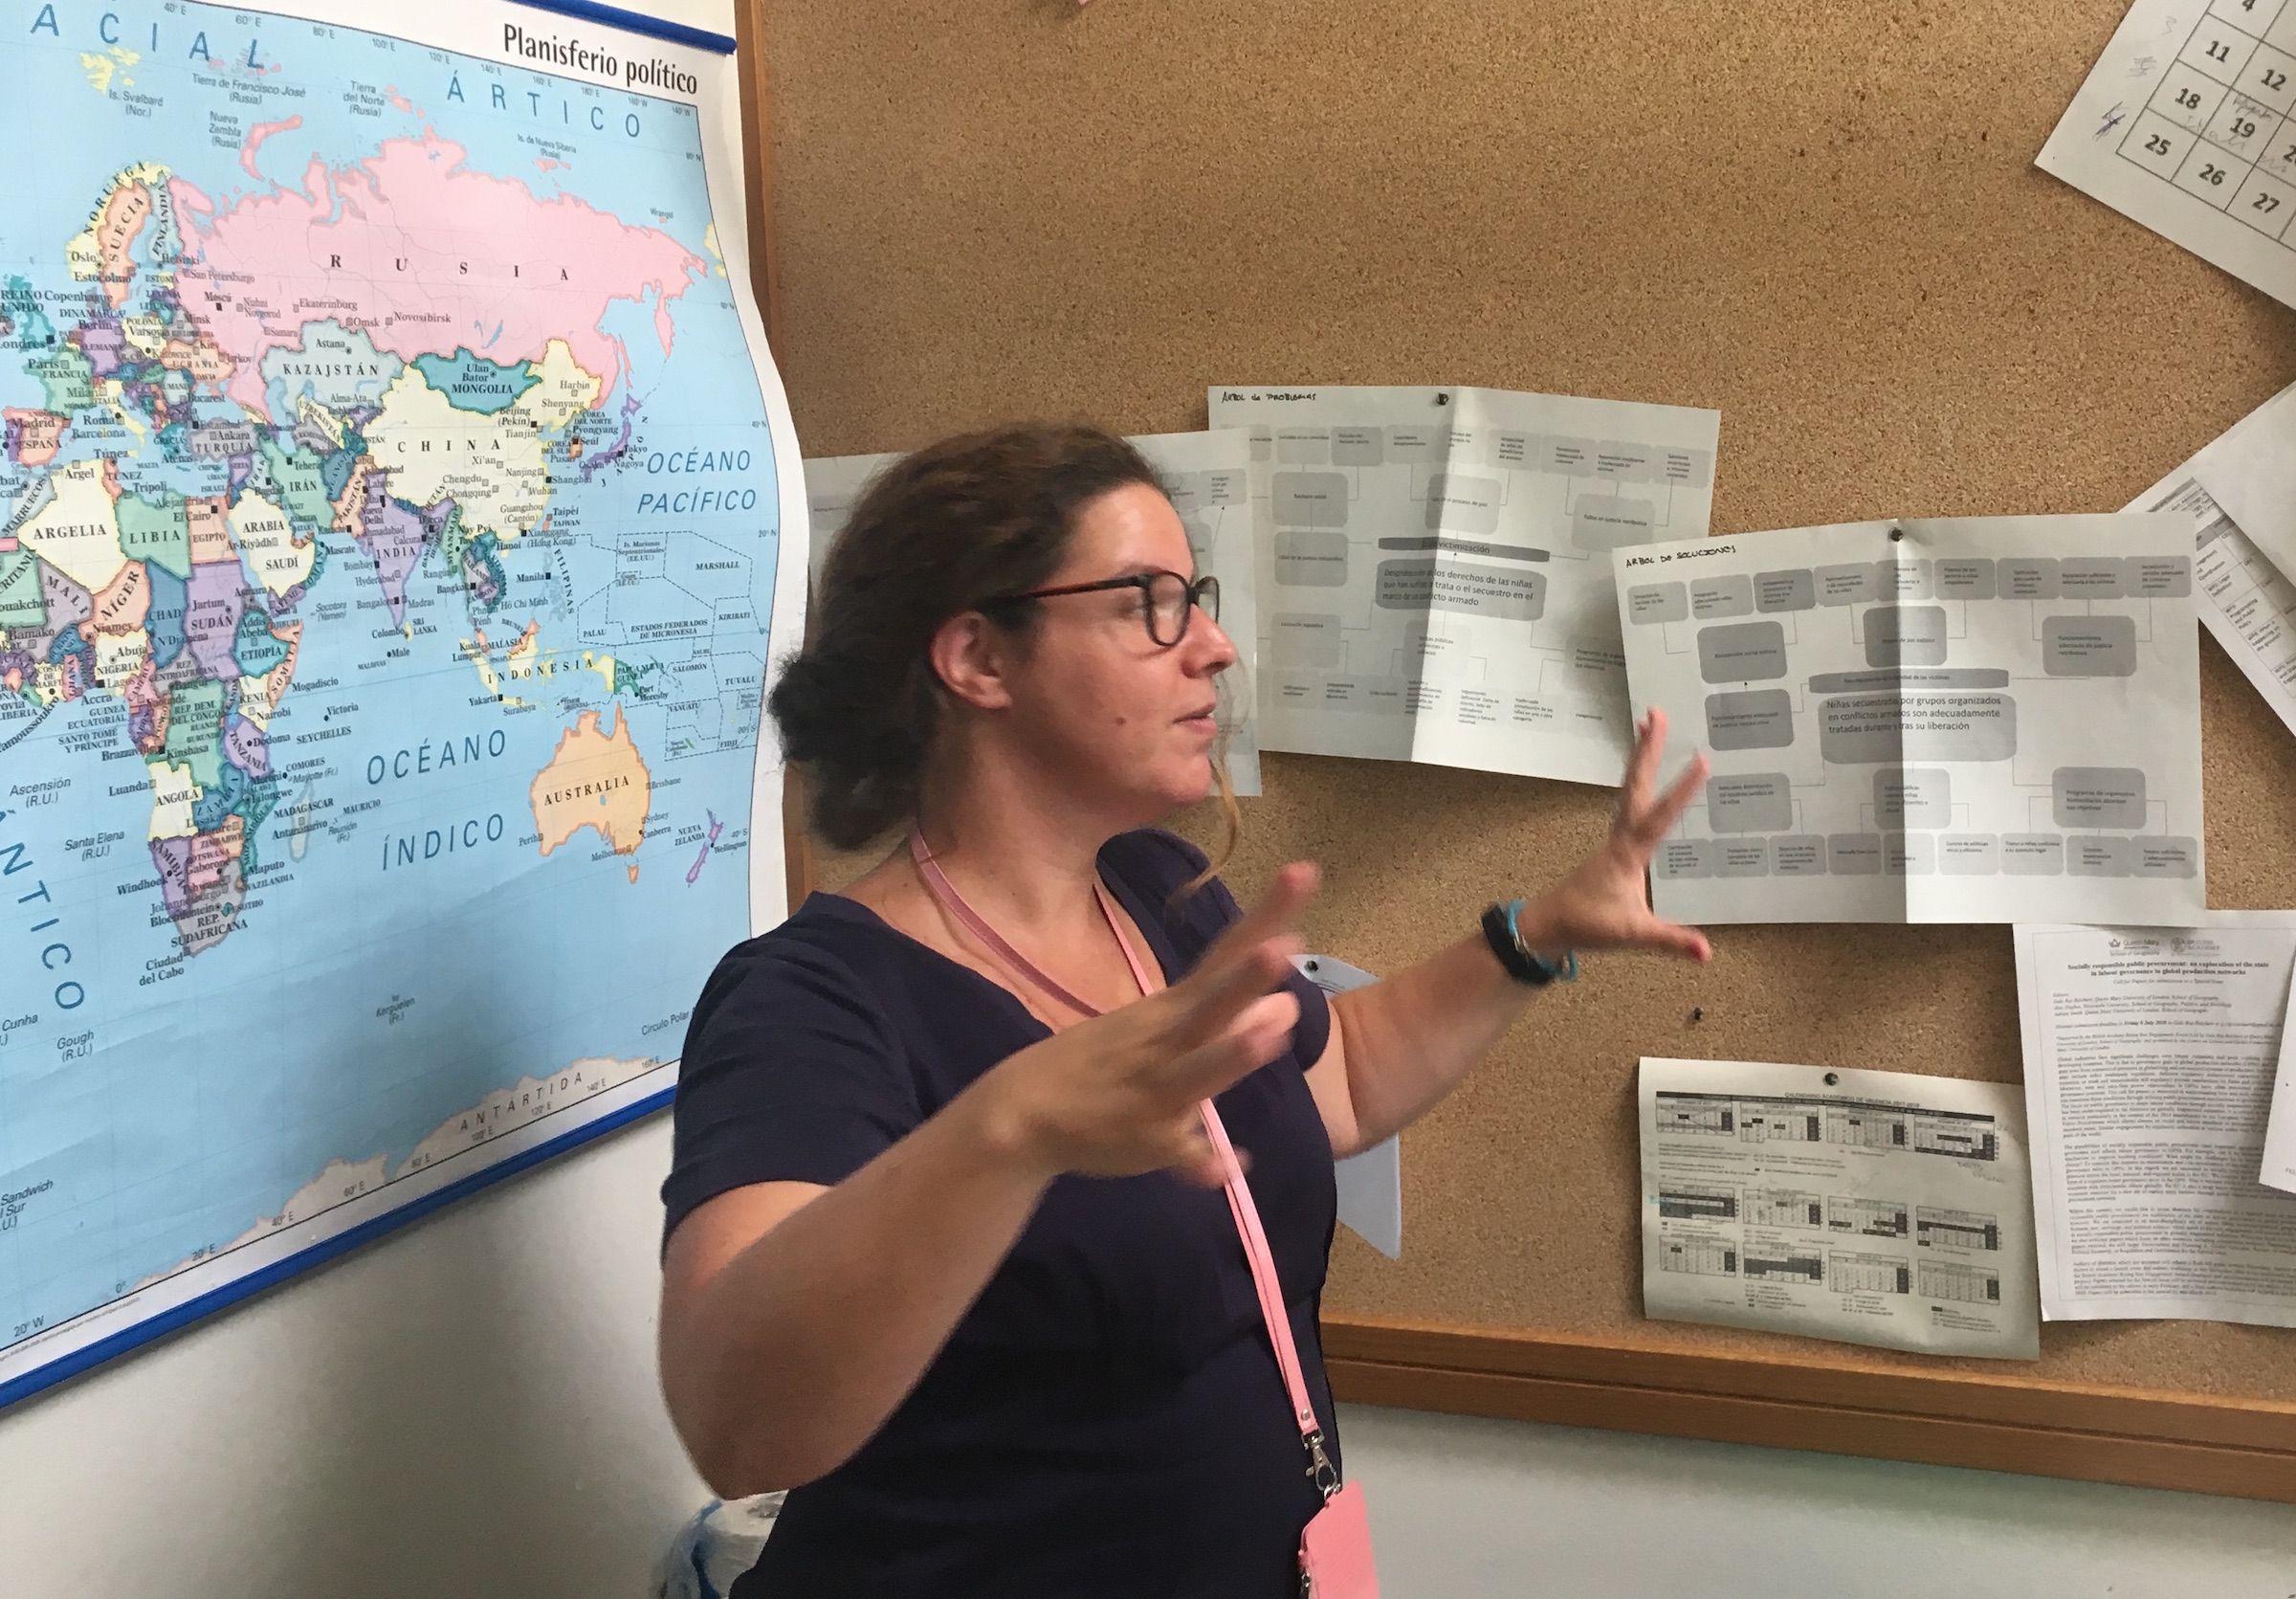 La doctora Olga Martín-Ortega, de la University of Greenwich, durante su estancia como visiting scholar en la CEU UCH.